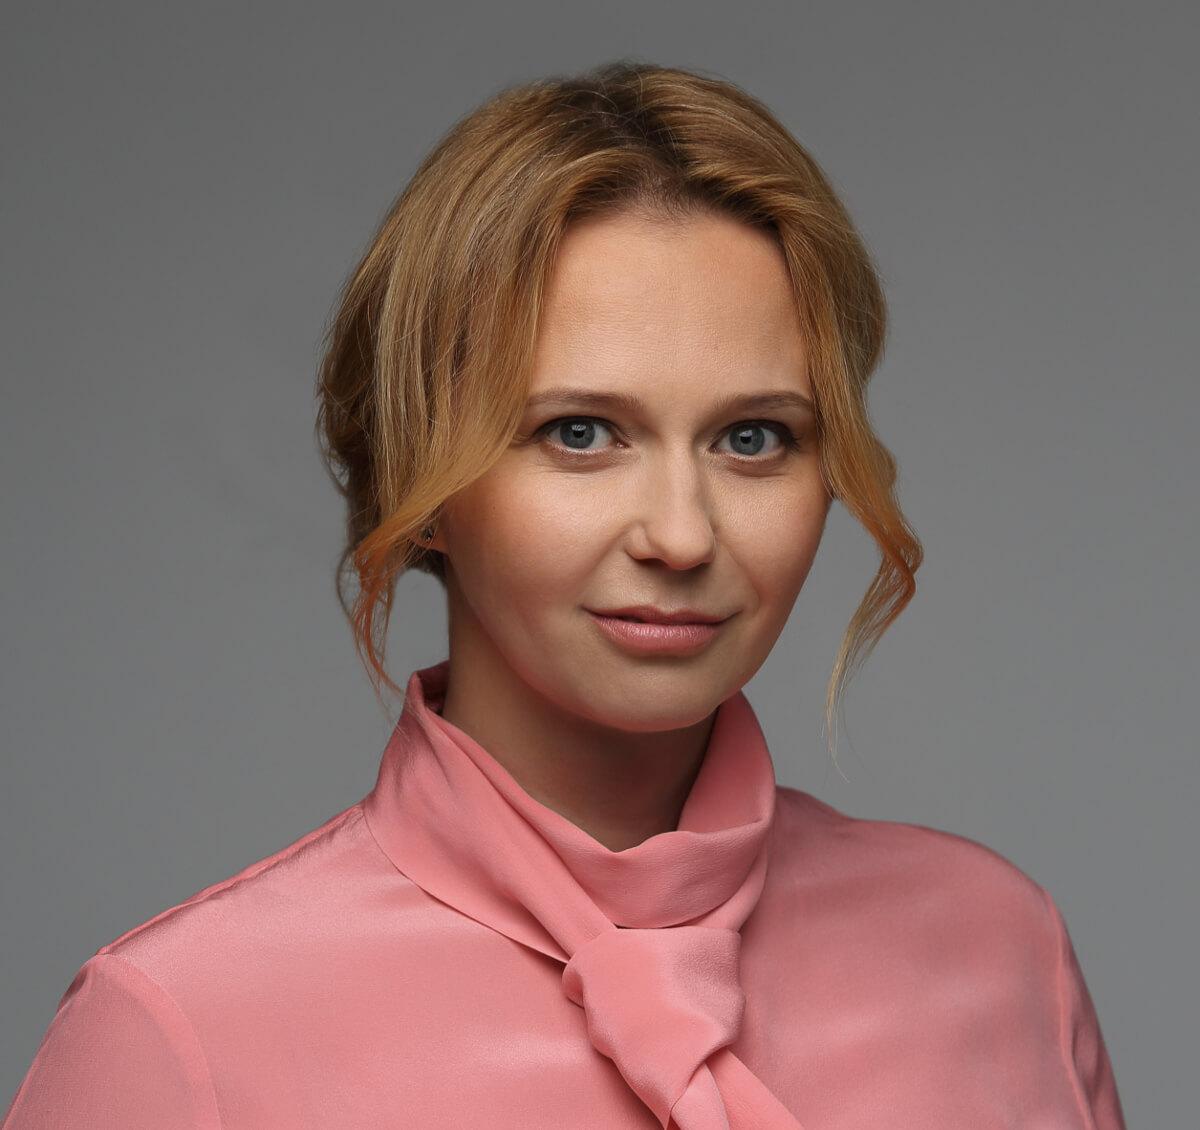 Татьяна Минеева, вице-президент организации Деловая Россия